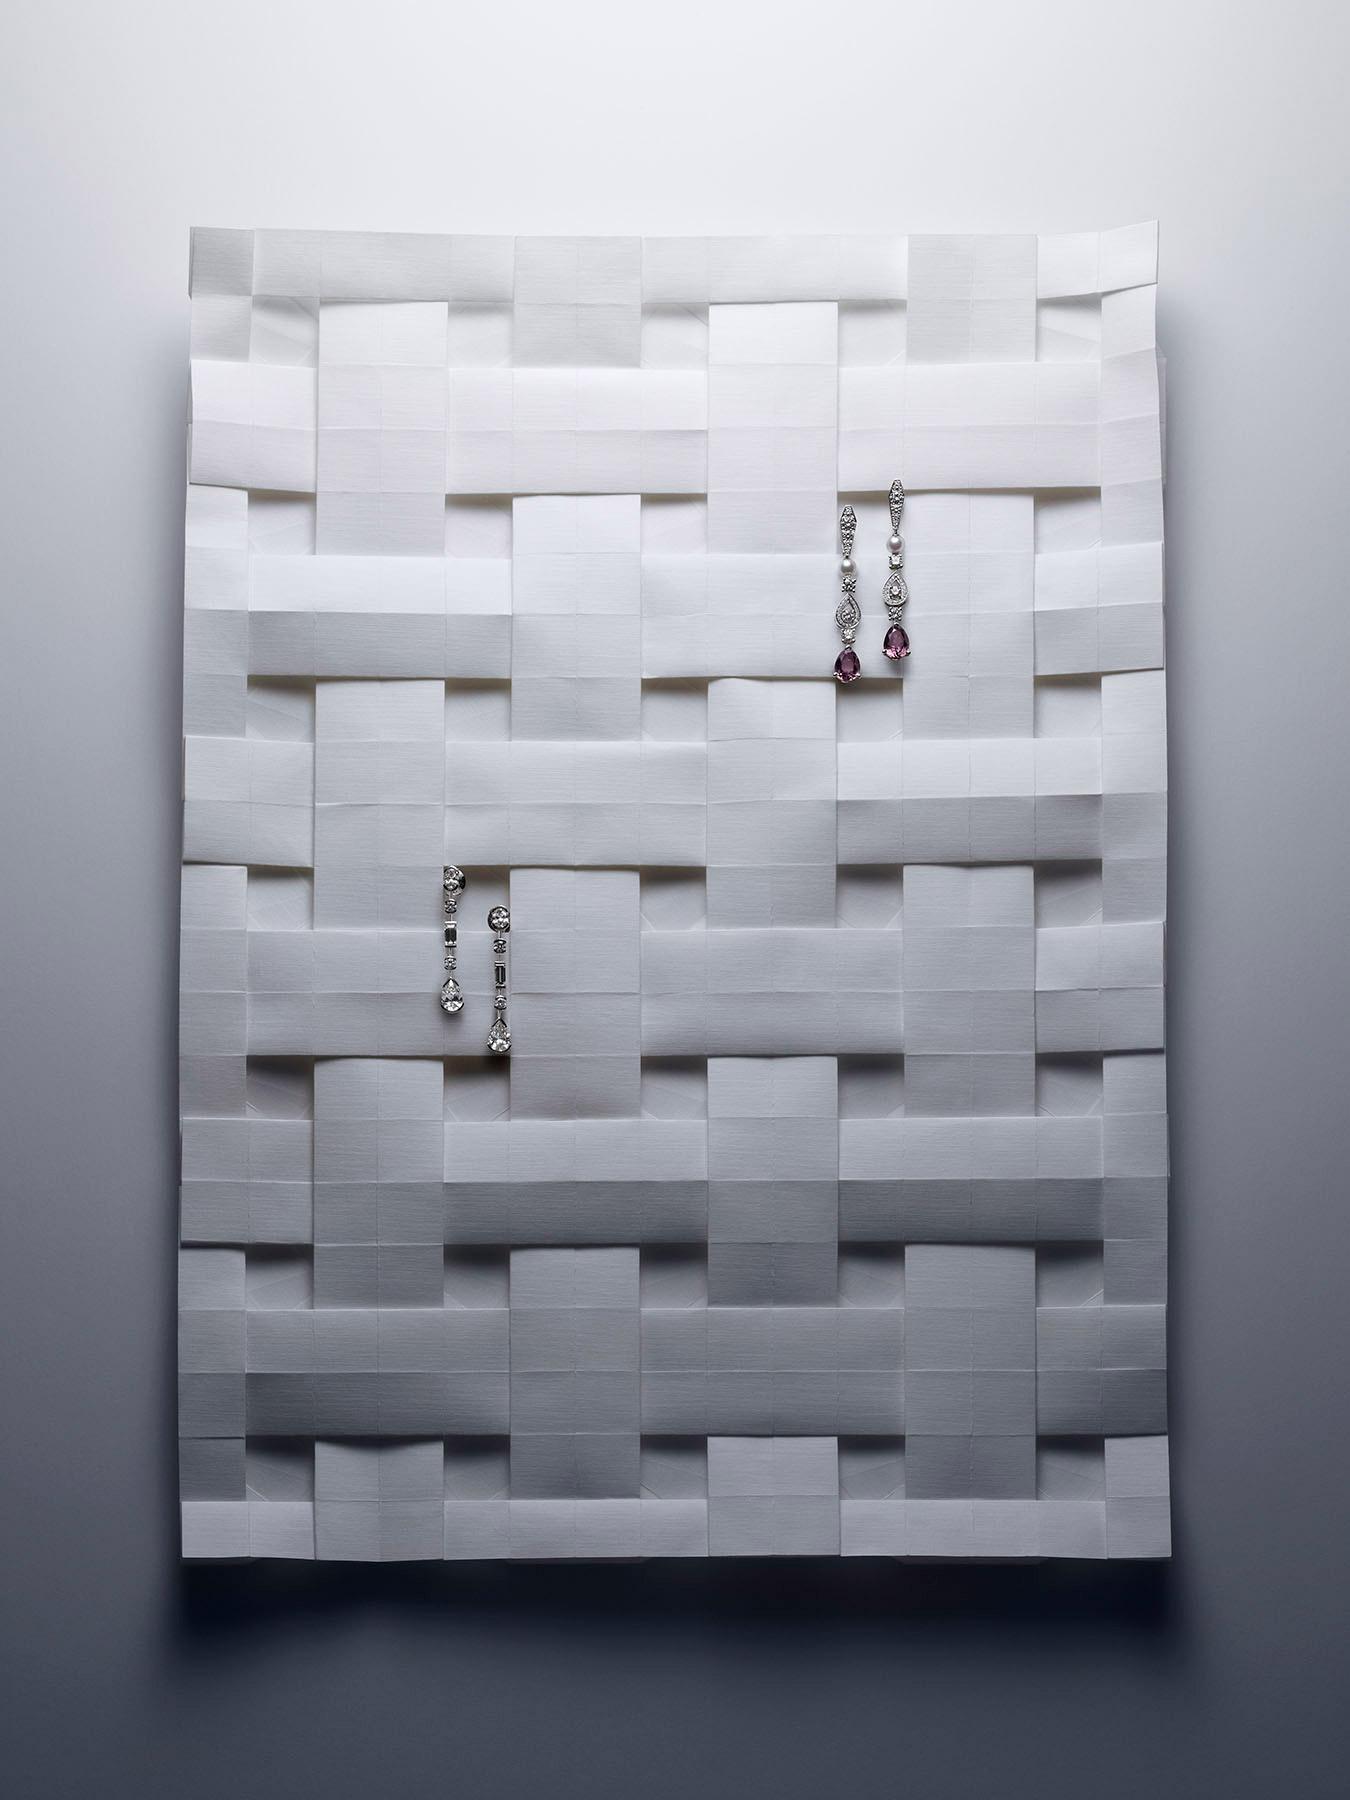 e09sochic_origami